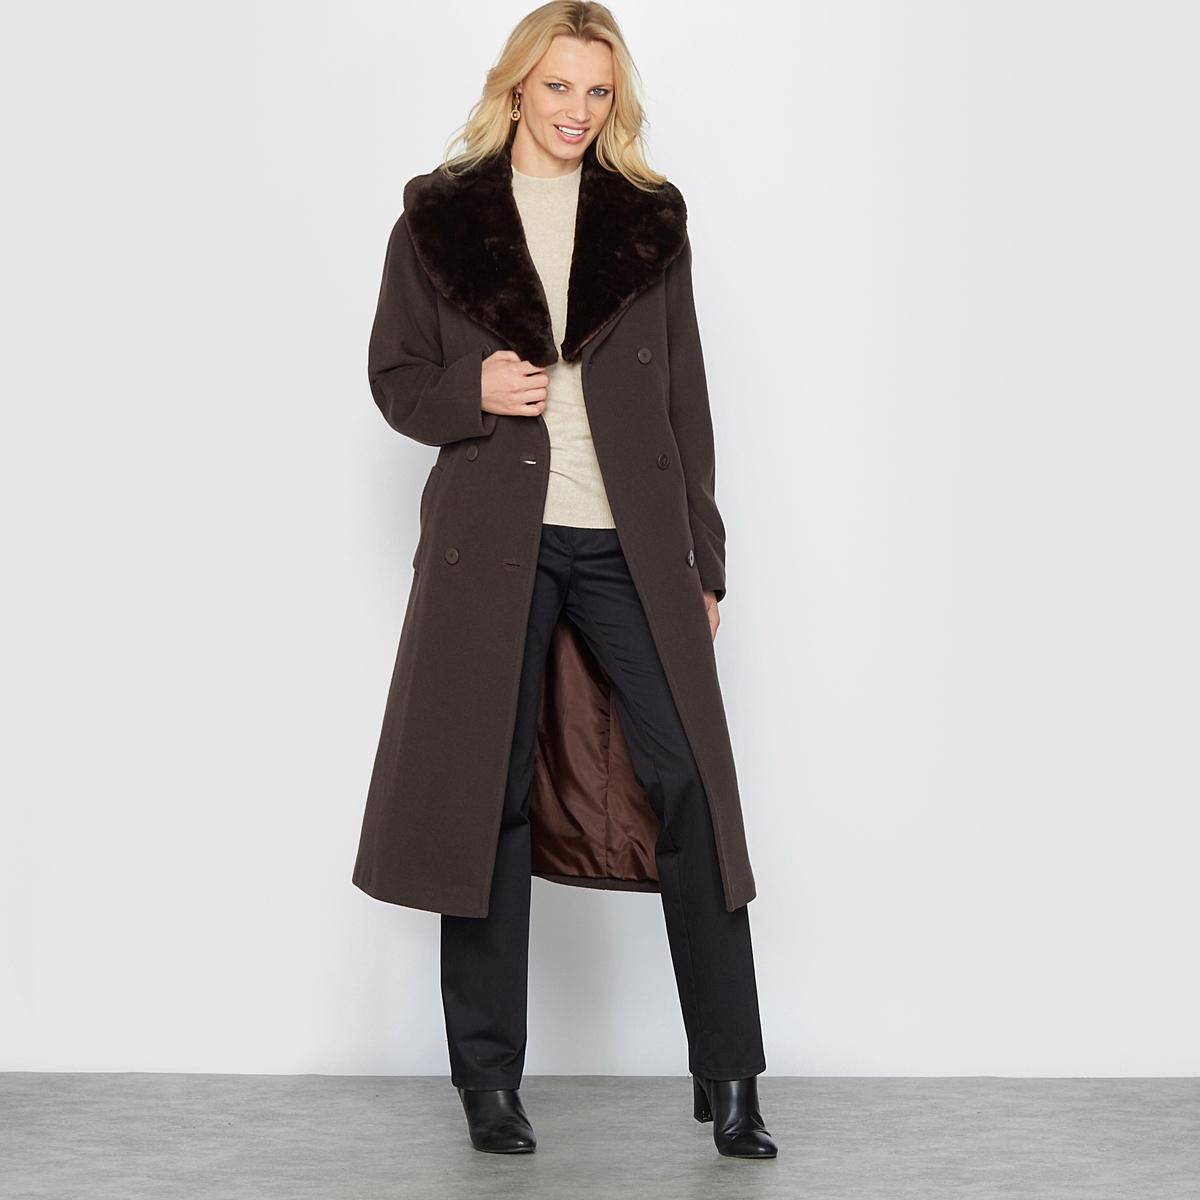 Пальто прямое из шерстиДлинное зимнее пальто, практичное и стильное, которое можно носить с воротником из искусственного меха или без него . Двубортная планка застежки. Модный пояс с завязками .Детали •  Длина  : удлиненная модель •  Воротник-поло, рубашечный • Застежка на пуговицыСостав и уход •  70% шерсти, 10% кашемира, 20% полиамида •  Подкладка : 100% полиэстер • Не стирать •  Любые растворитель / не отбеливать   •  Не использовать барабанную сушку •  Низкая температура глажки<br><br>Цвет: серый меланж/черный,темно-бежевый / шоколадный,черный/ черный<br>Размер: 38 (FR) - 44 (RUS).38 (FR) - 44 (RUS).50 (FR) - 56 (RUS).50 (FR) - 56 (RUS)